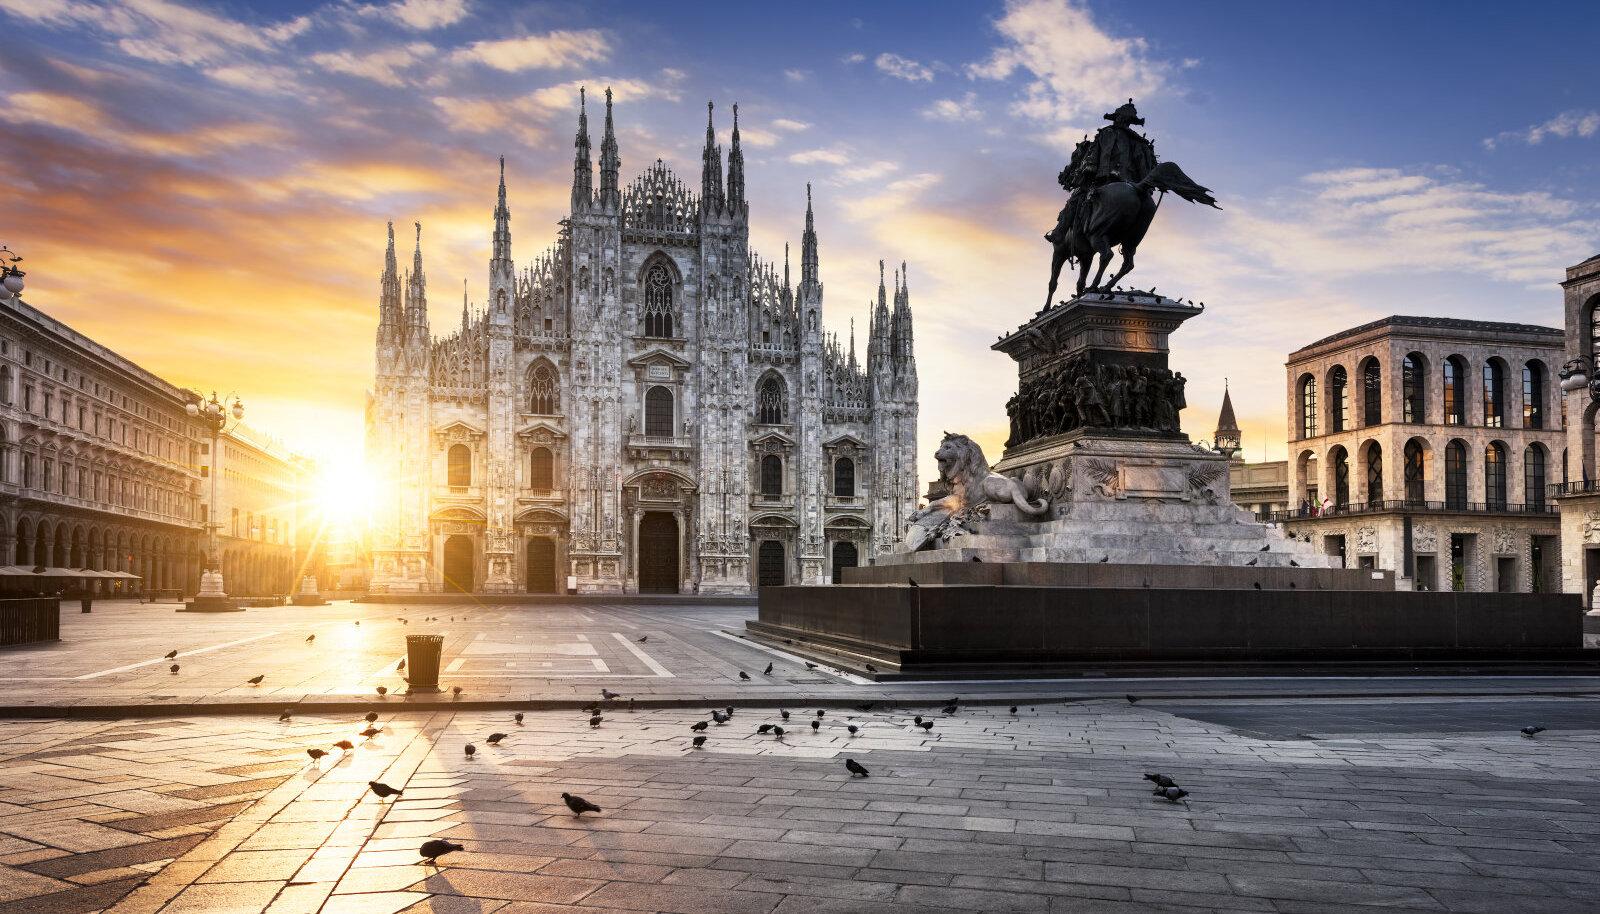 Piazza del Duomo Milanos